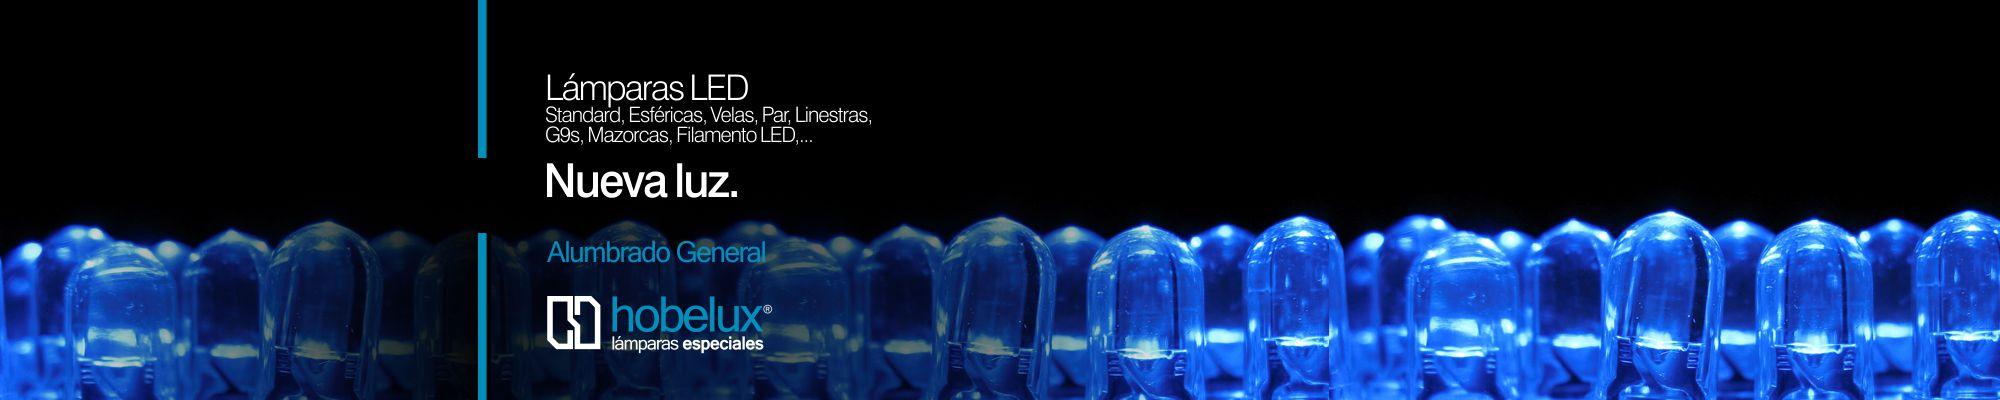 SLD9_iluminacion_LED